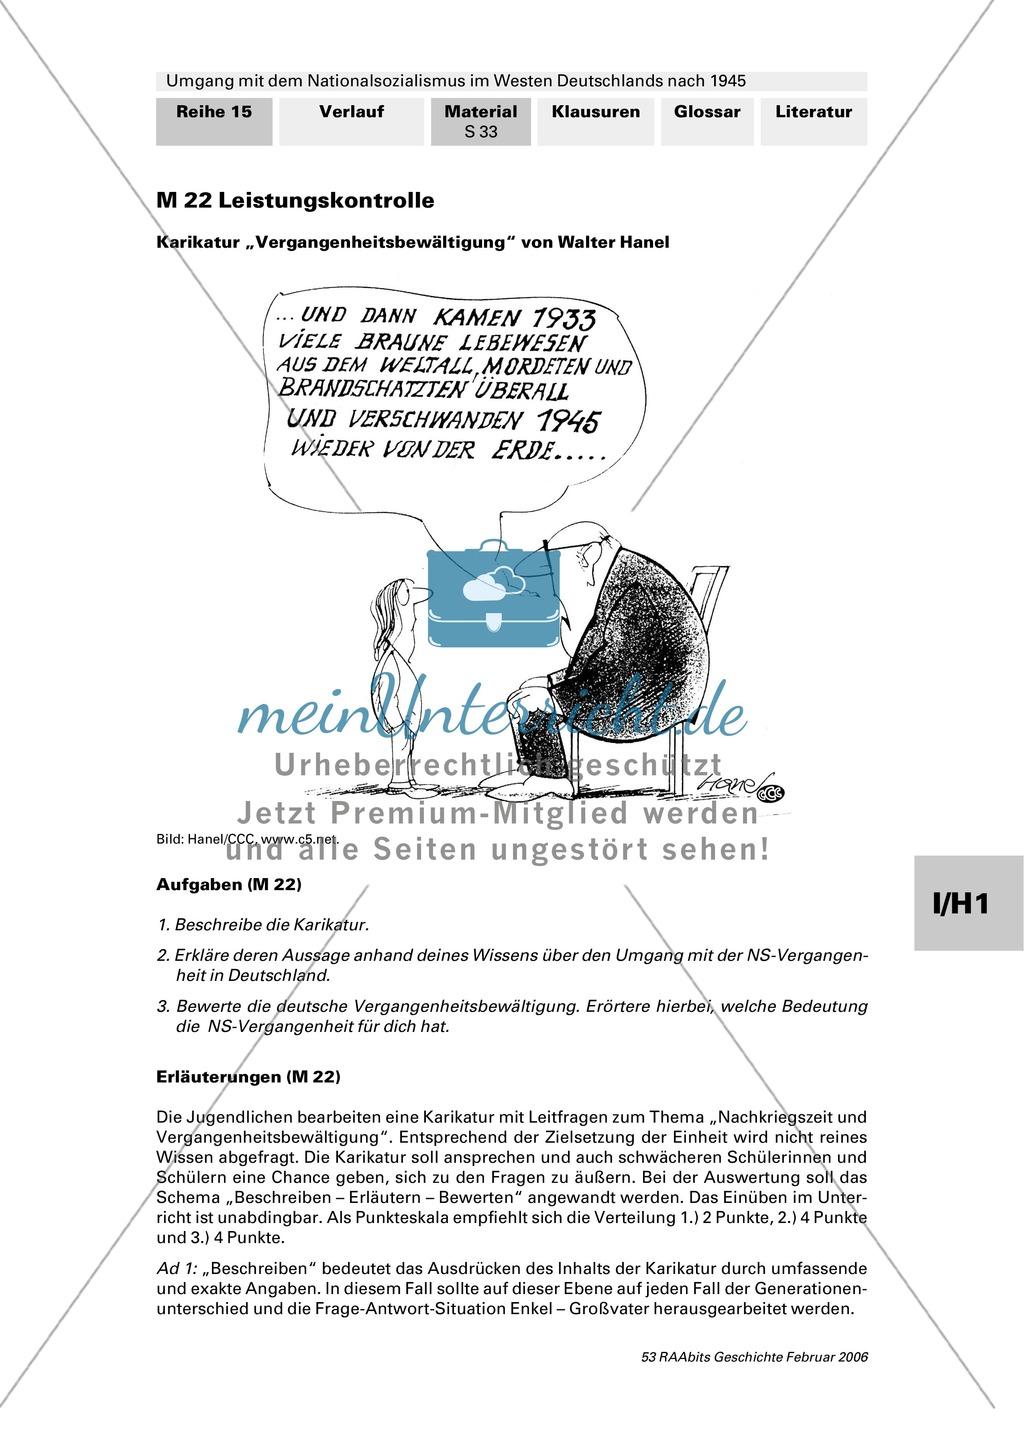 Umgang mit dem Nationalsozialismus im Westen Deutschlands nach 1945: Lernerfolgskontrolle anhand einer Karikatur Preview 0